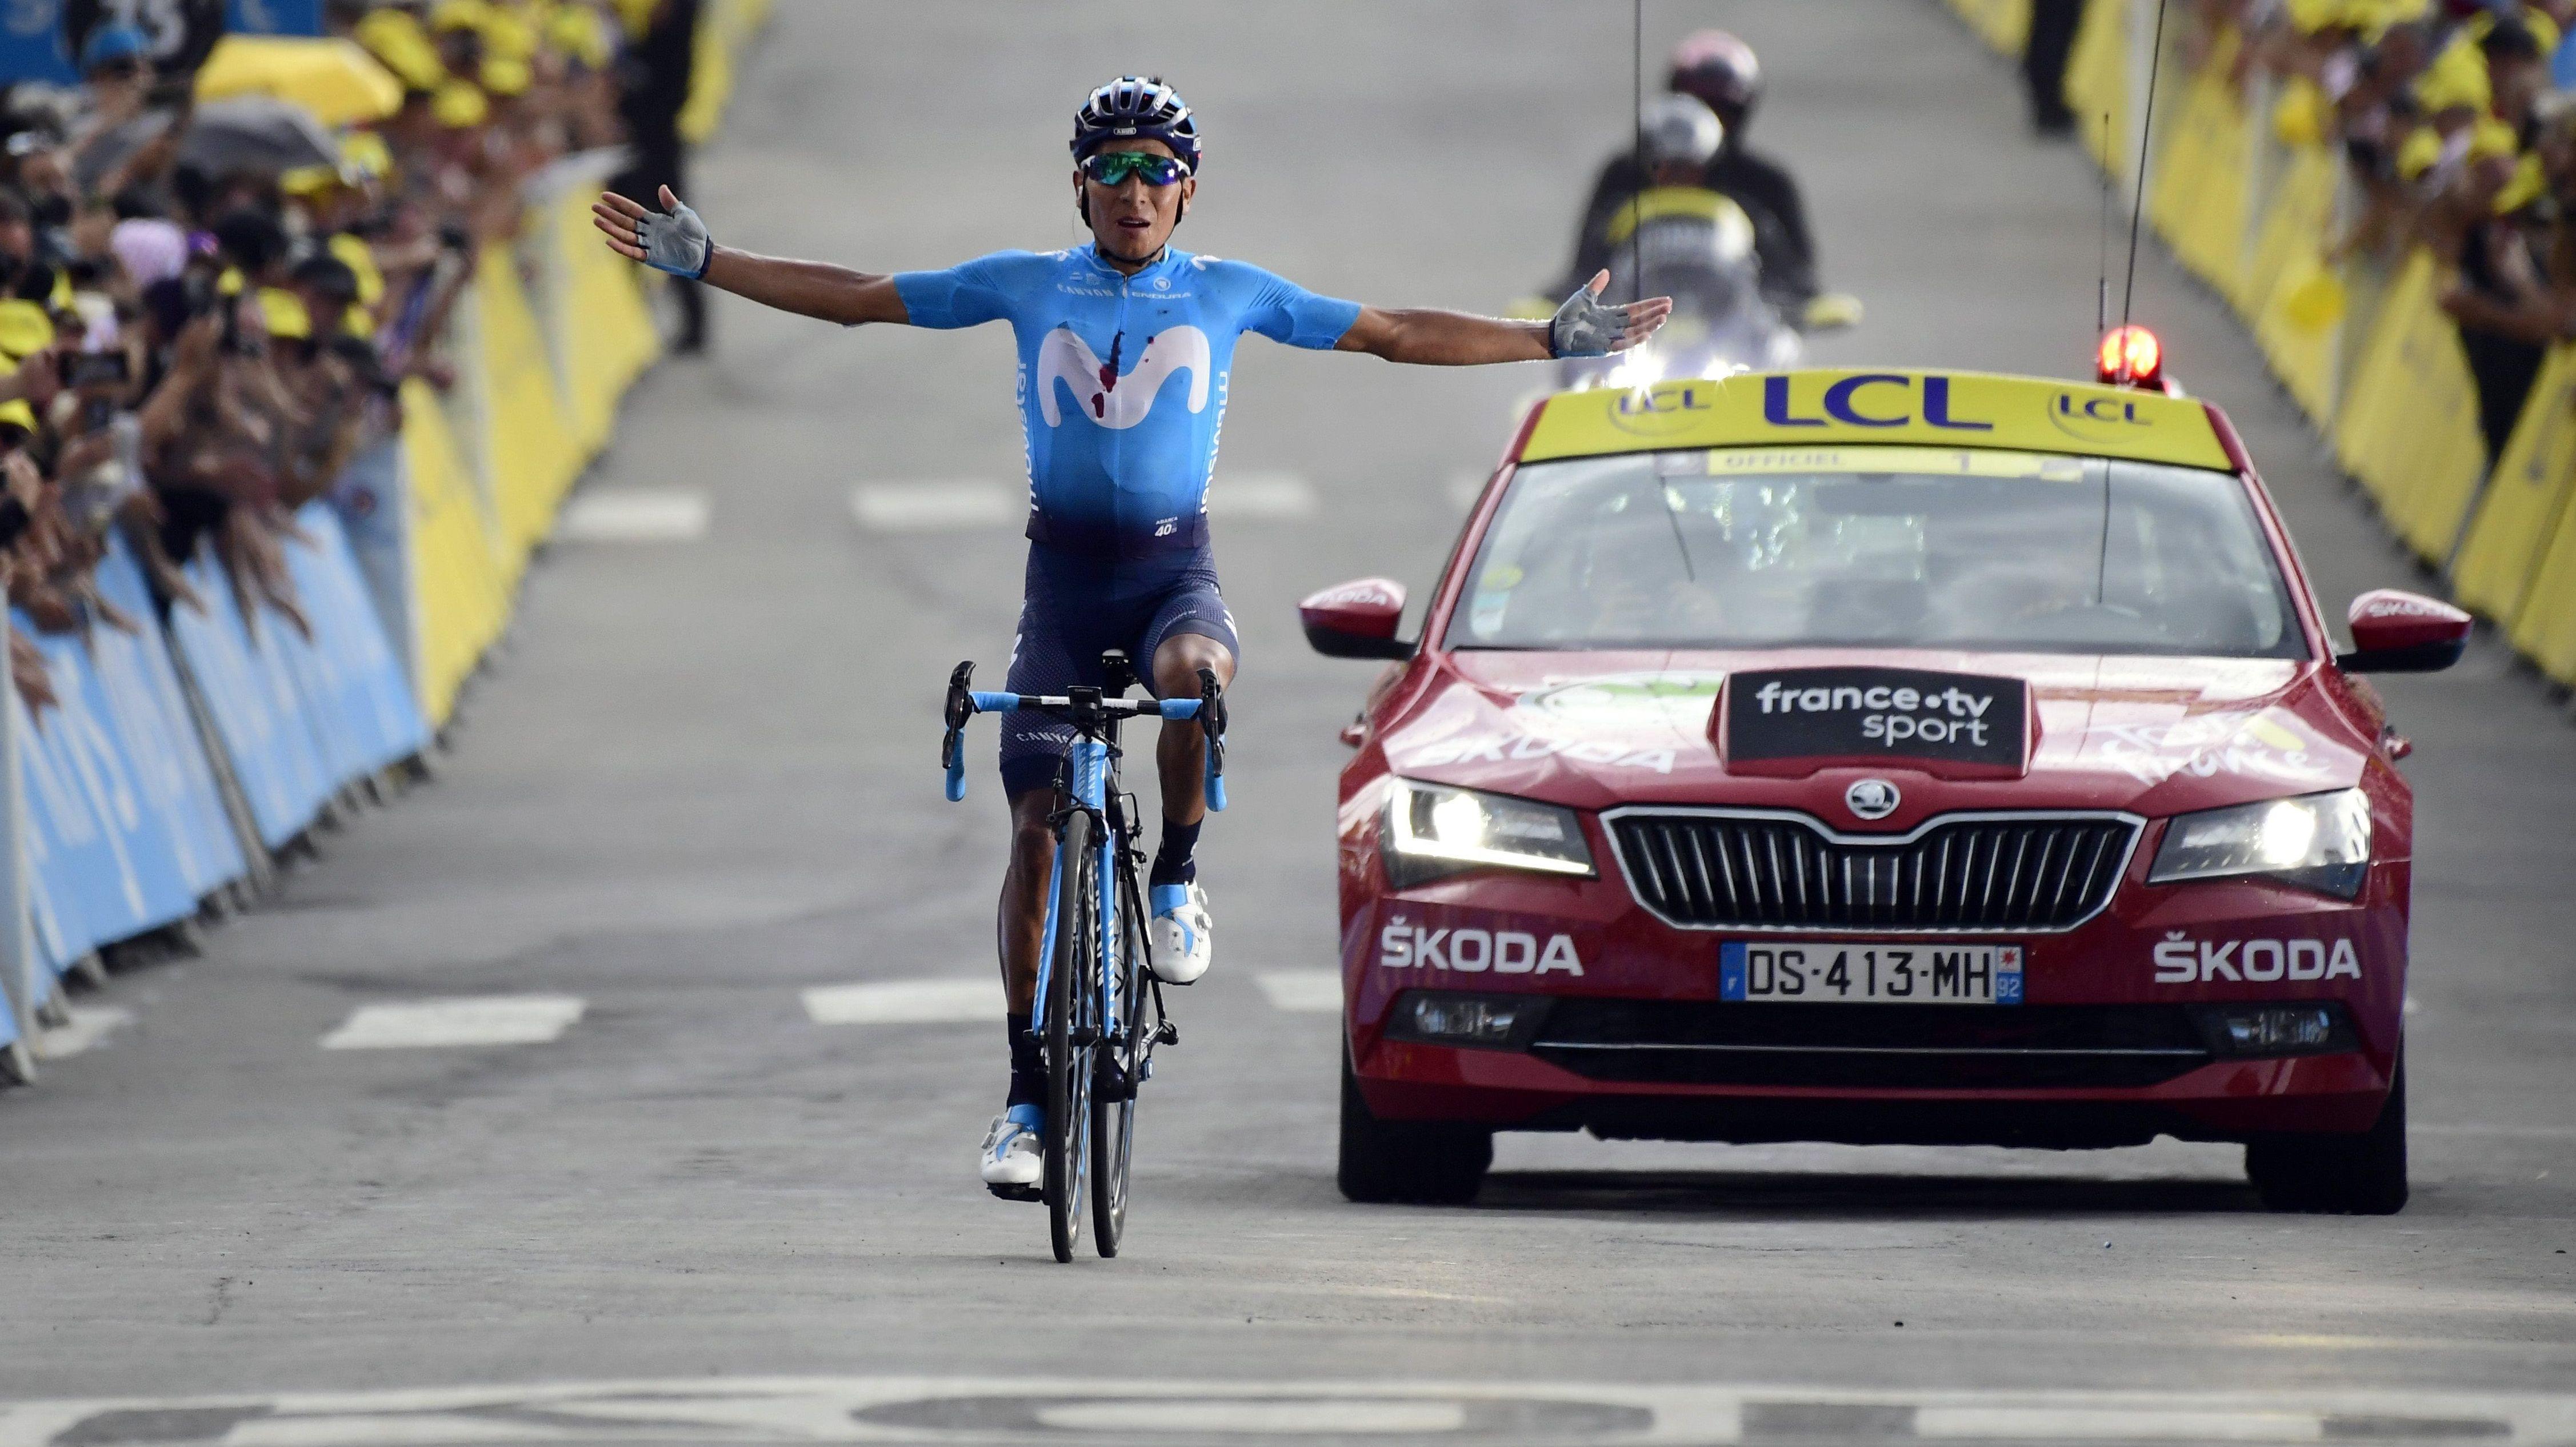 Der Kolumbianer Nairo Quintana gewinnt die 18. Etappe der Tour de France